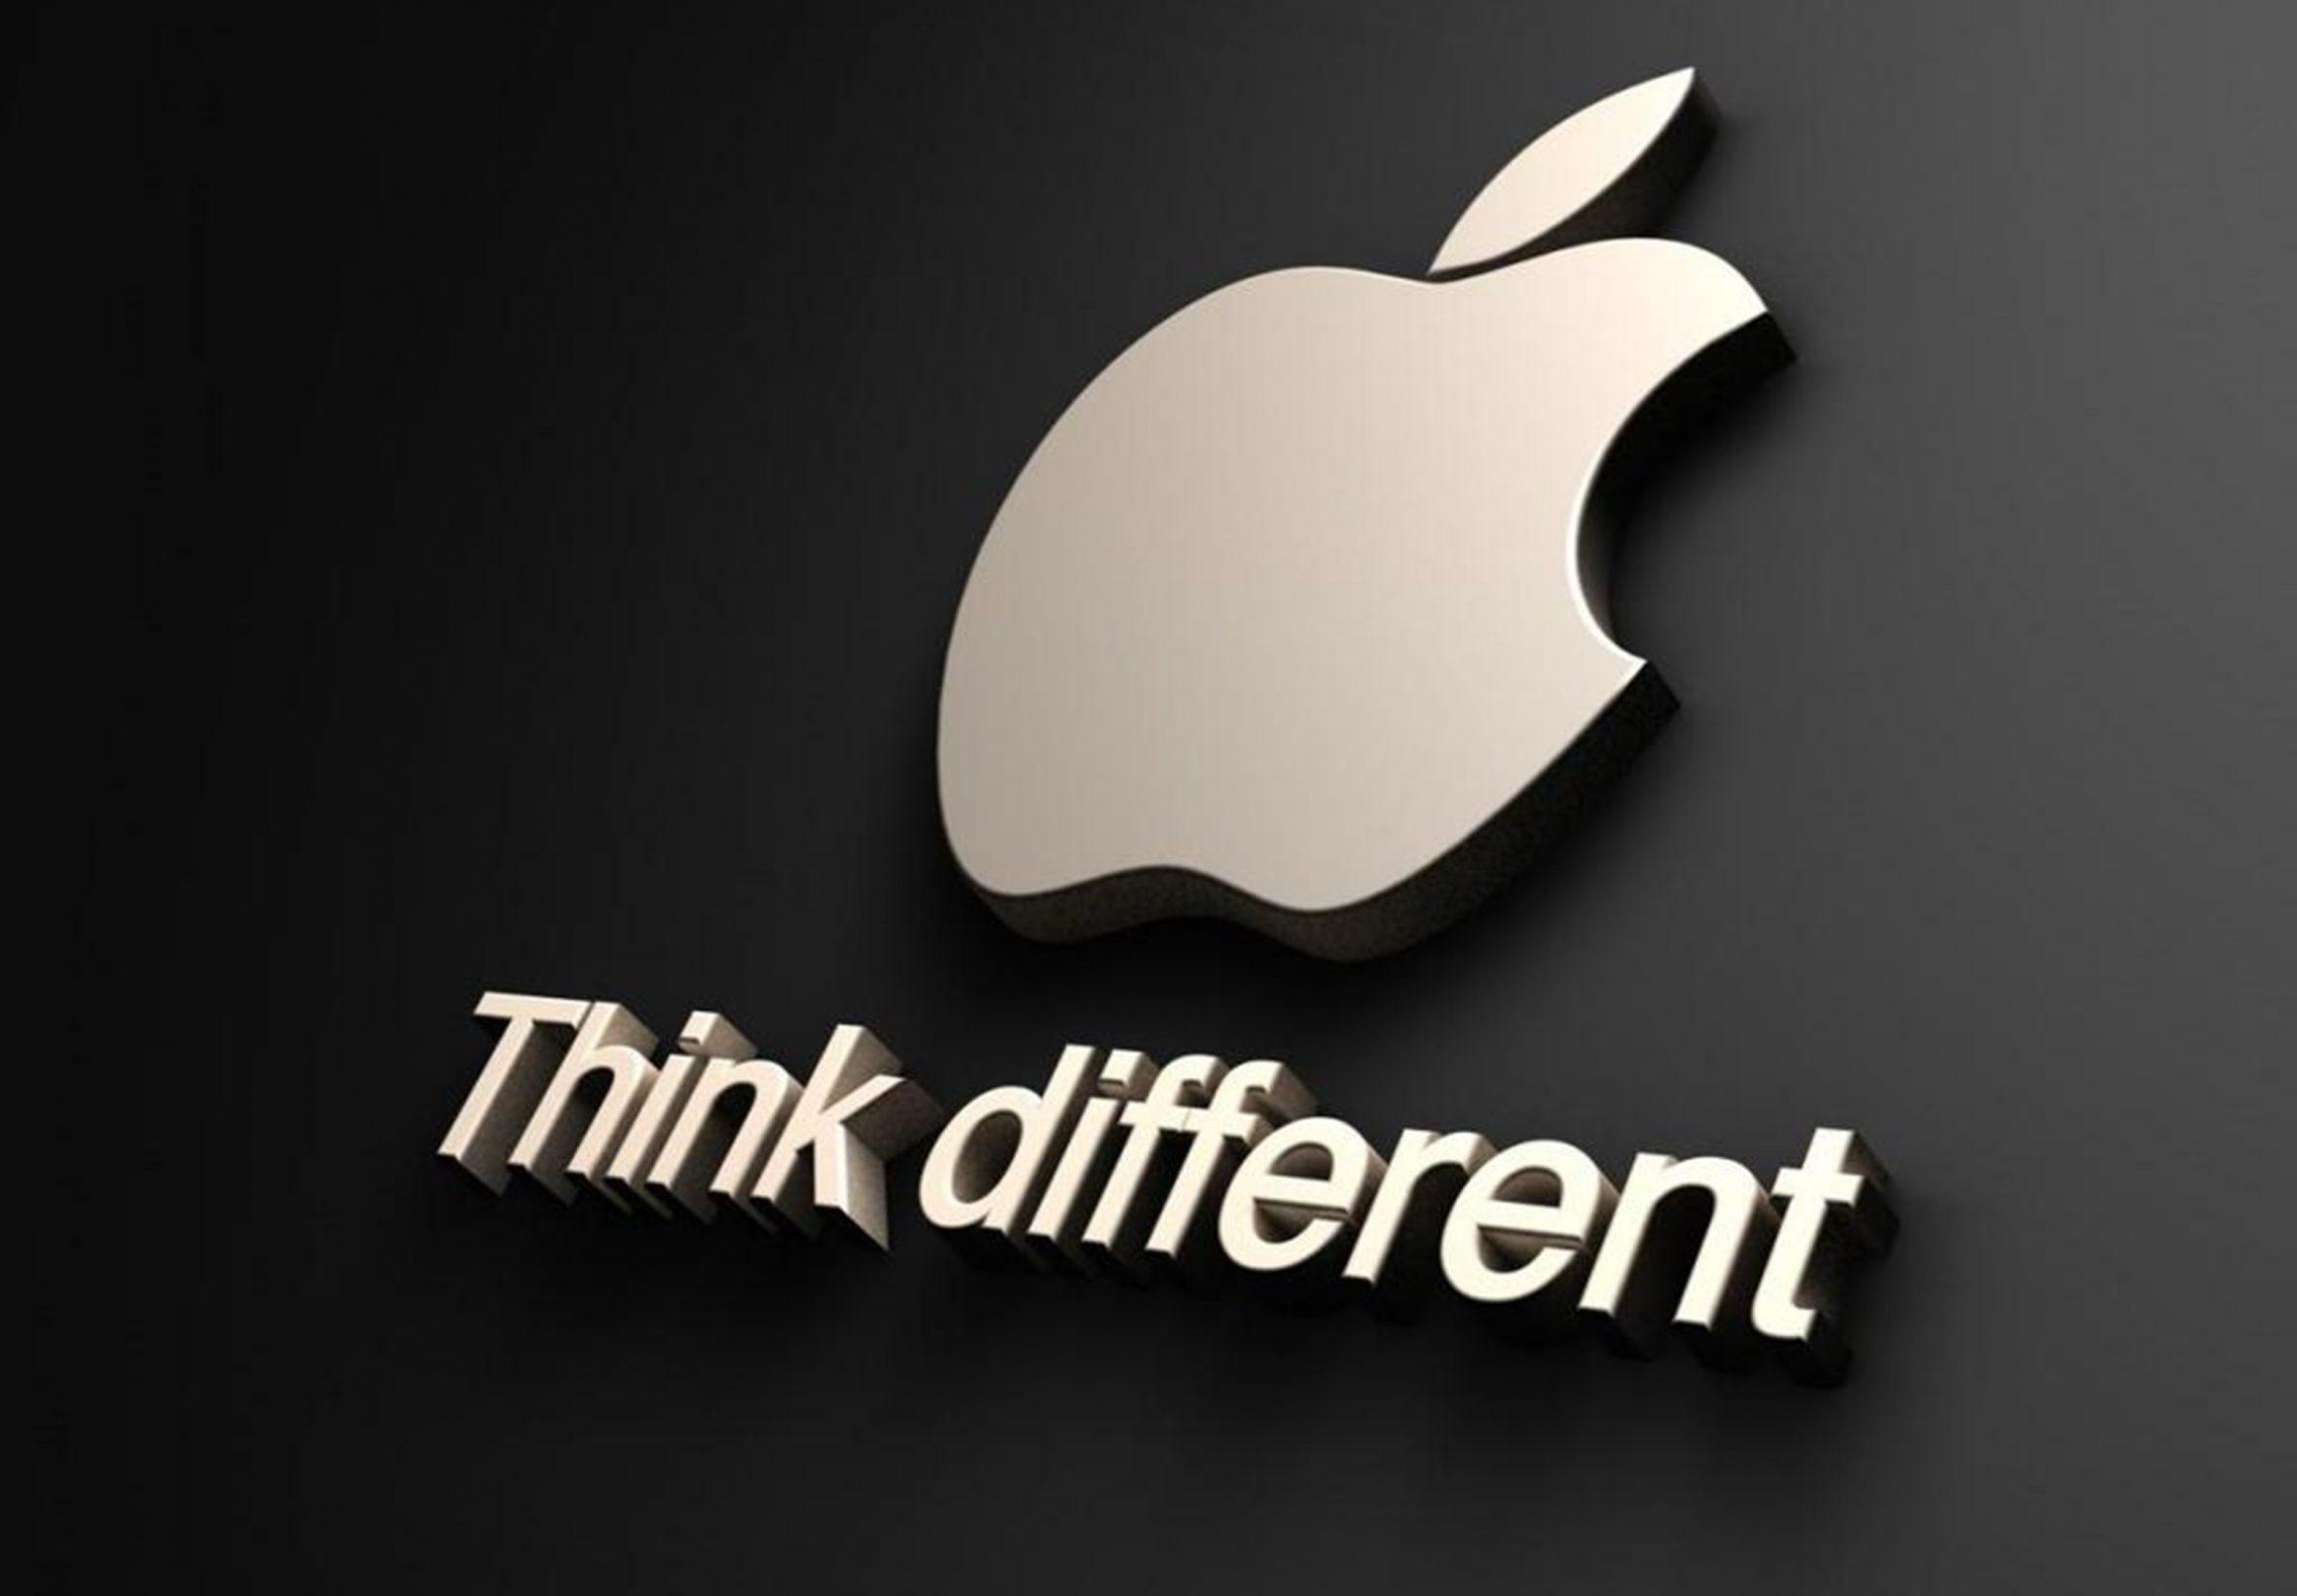 2360x1640 iPad Air wallpaper 4k Apple Think Different Ipad Wallpaper 2360x1640 pixels resolution